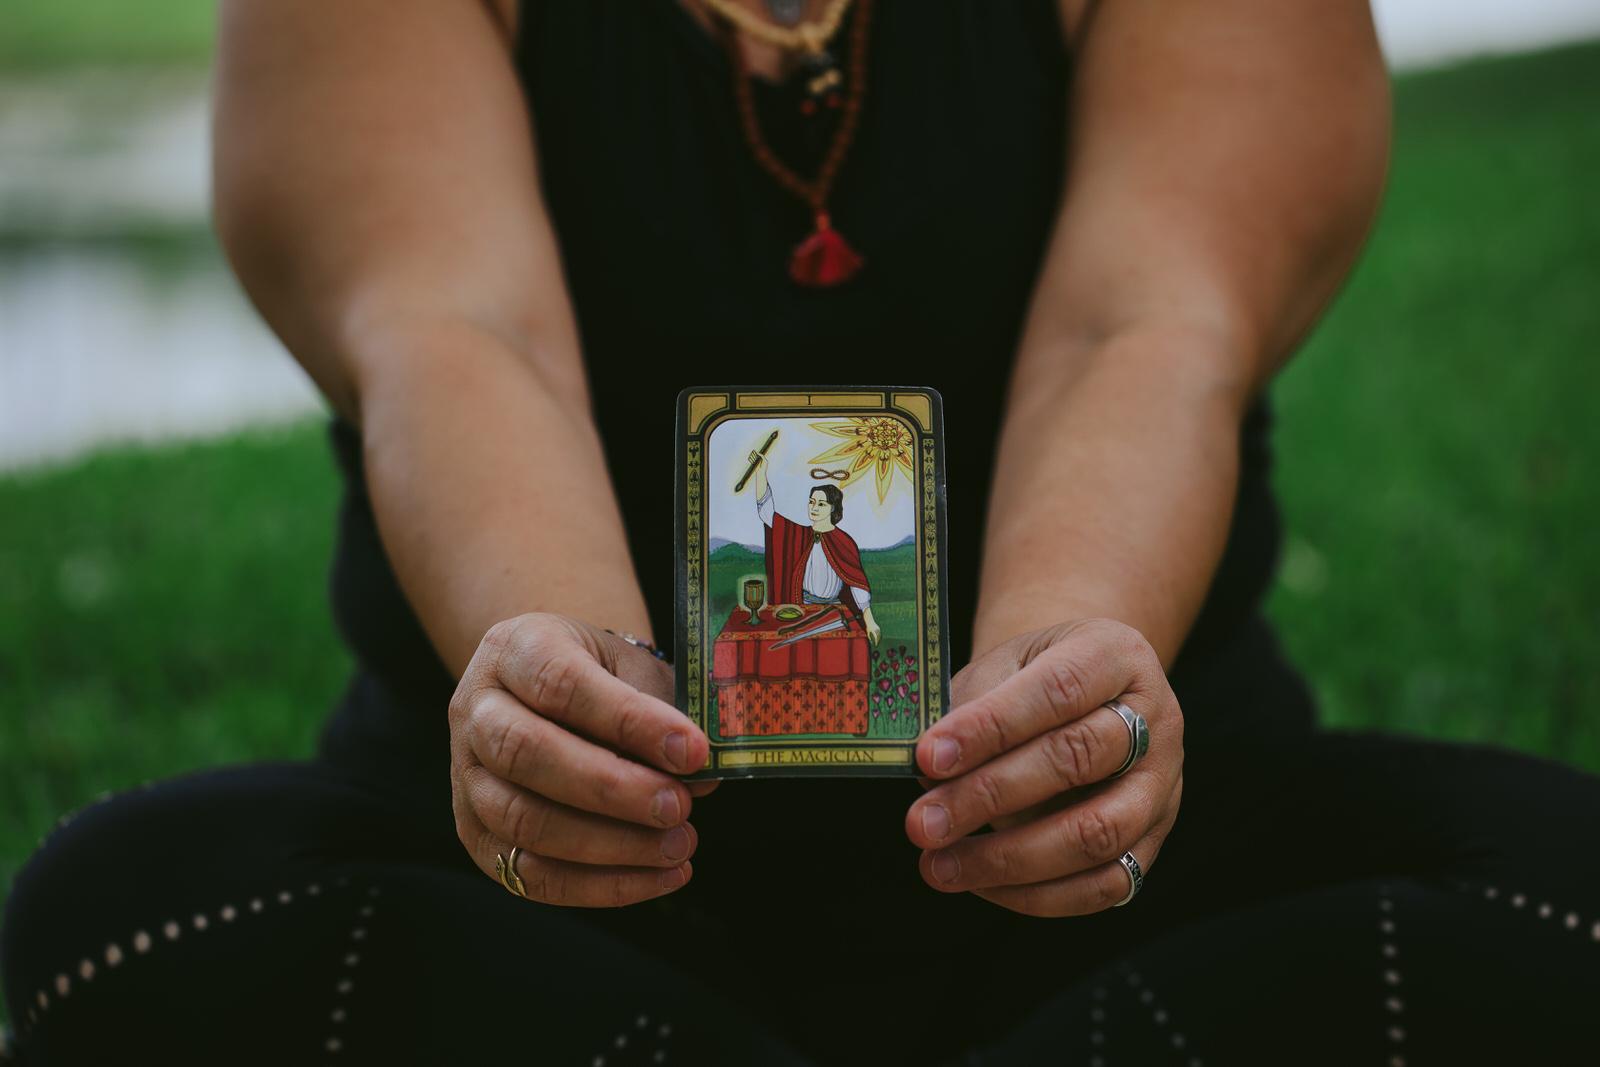 Tamar-Engergy-Healer-Yoga-Meditation-Guide-Prana-Lab-9.jpg